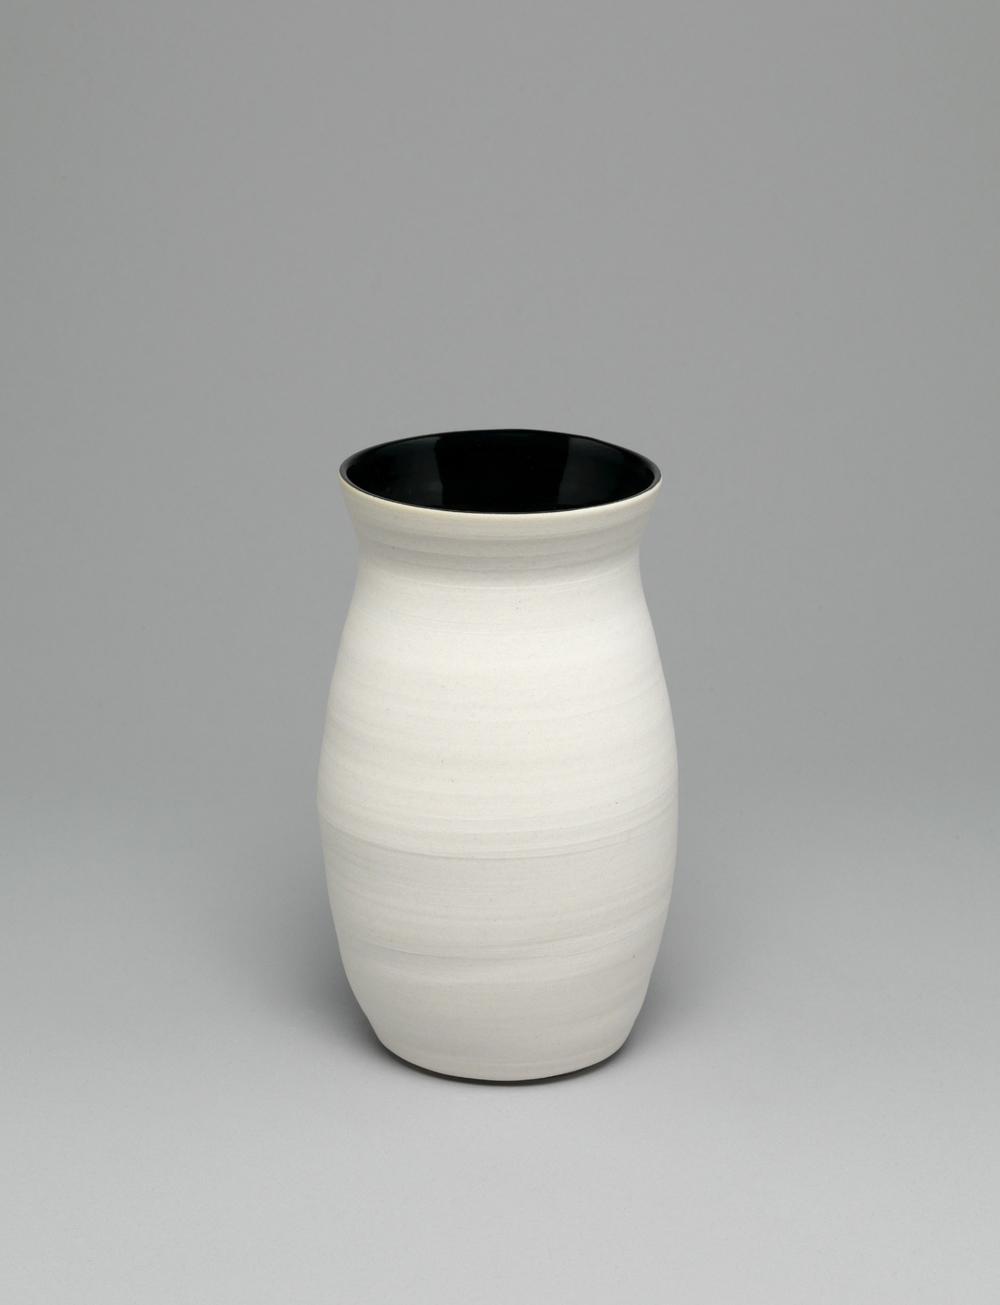 """Shio Kusaka  Untitled (hole 7)  2011   Porcelain   7 1/4"""" x 4 1/2"""" x 4 1/2"""" SK303"""